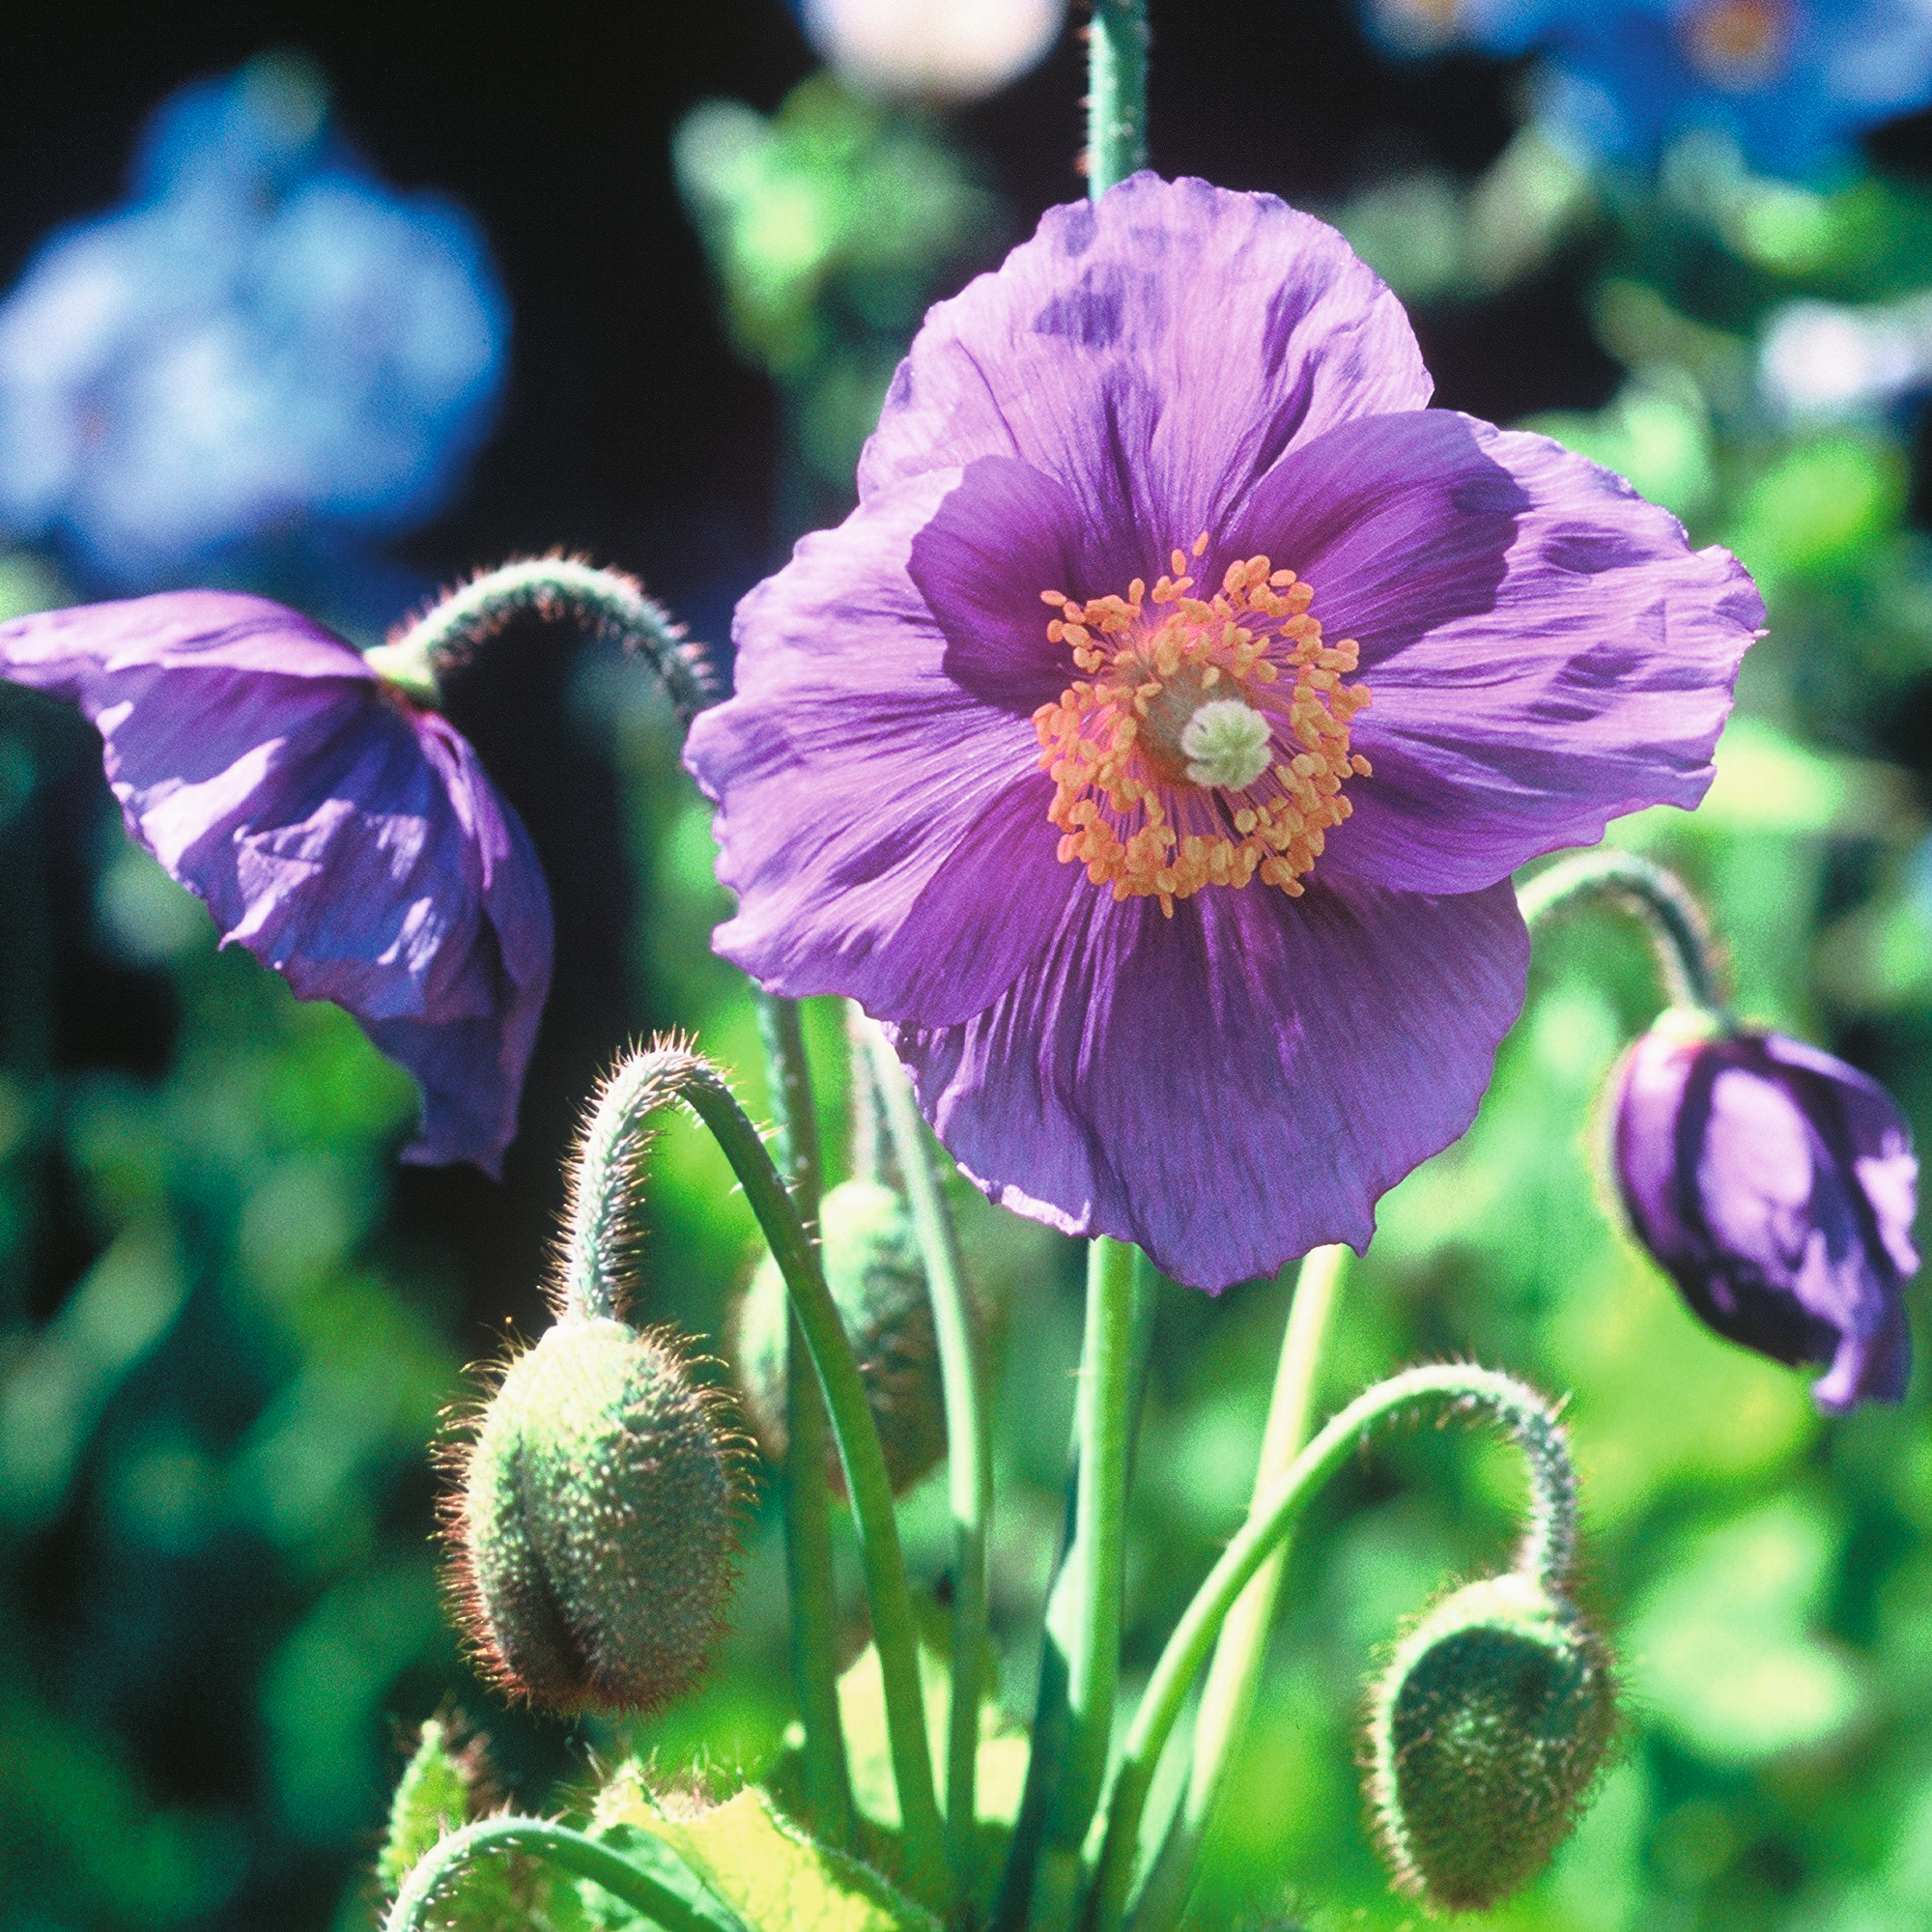 продам семена мака фиолетового Papaver Baileyi Hensol violet Poppy seeds коллекция сортов мака